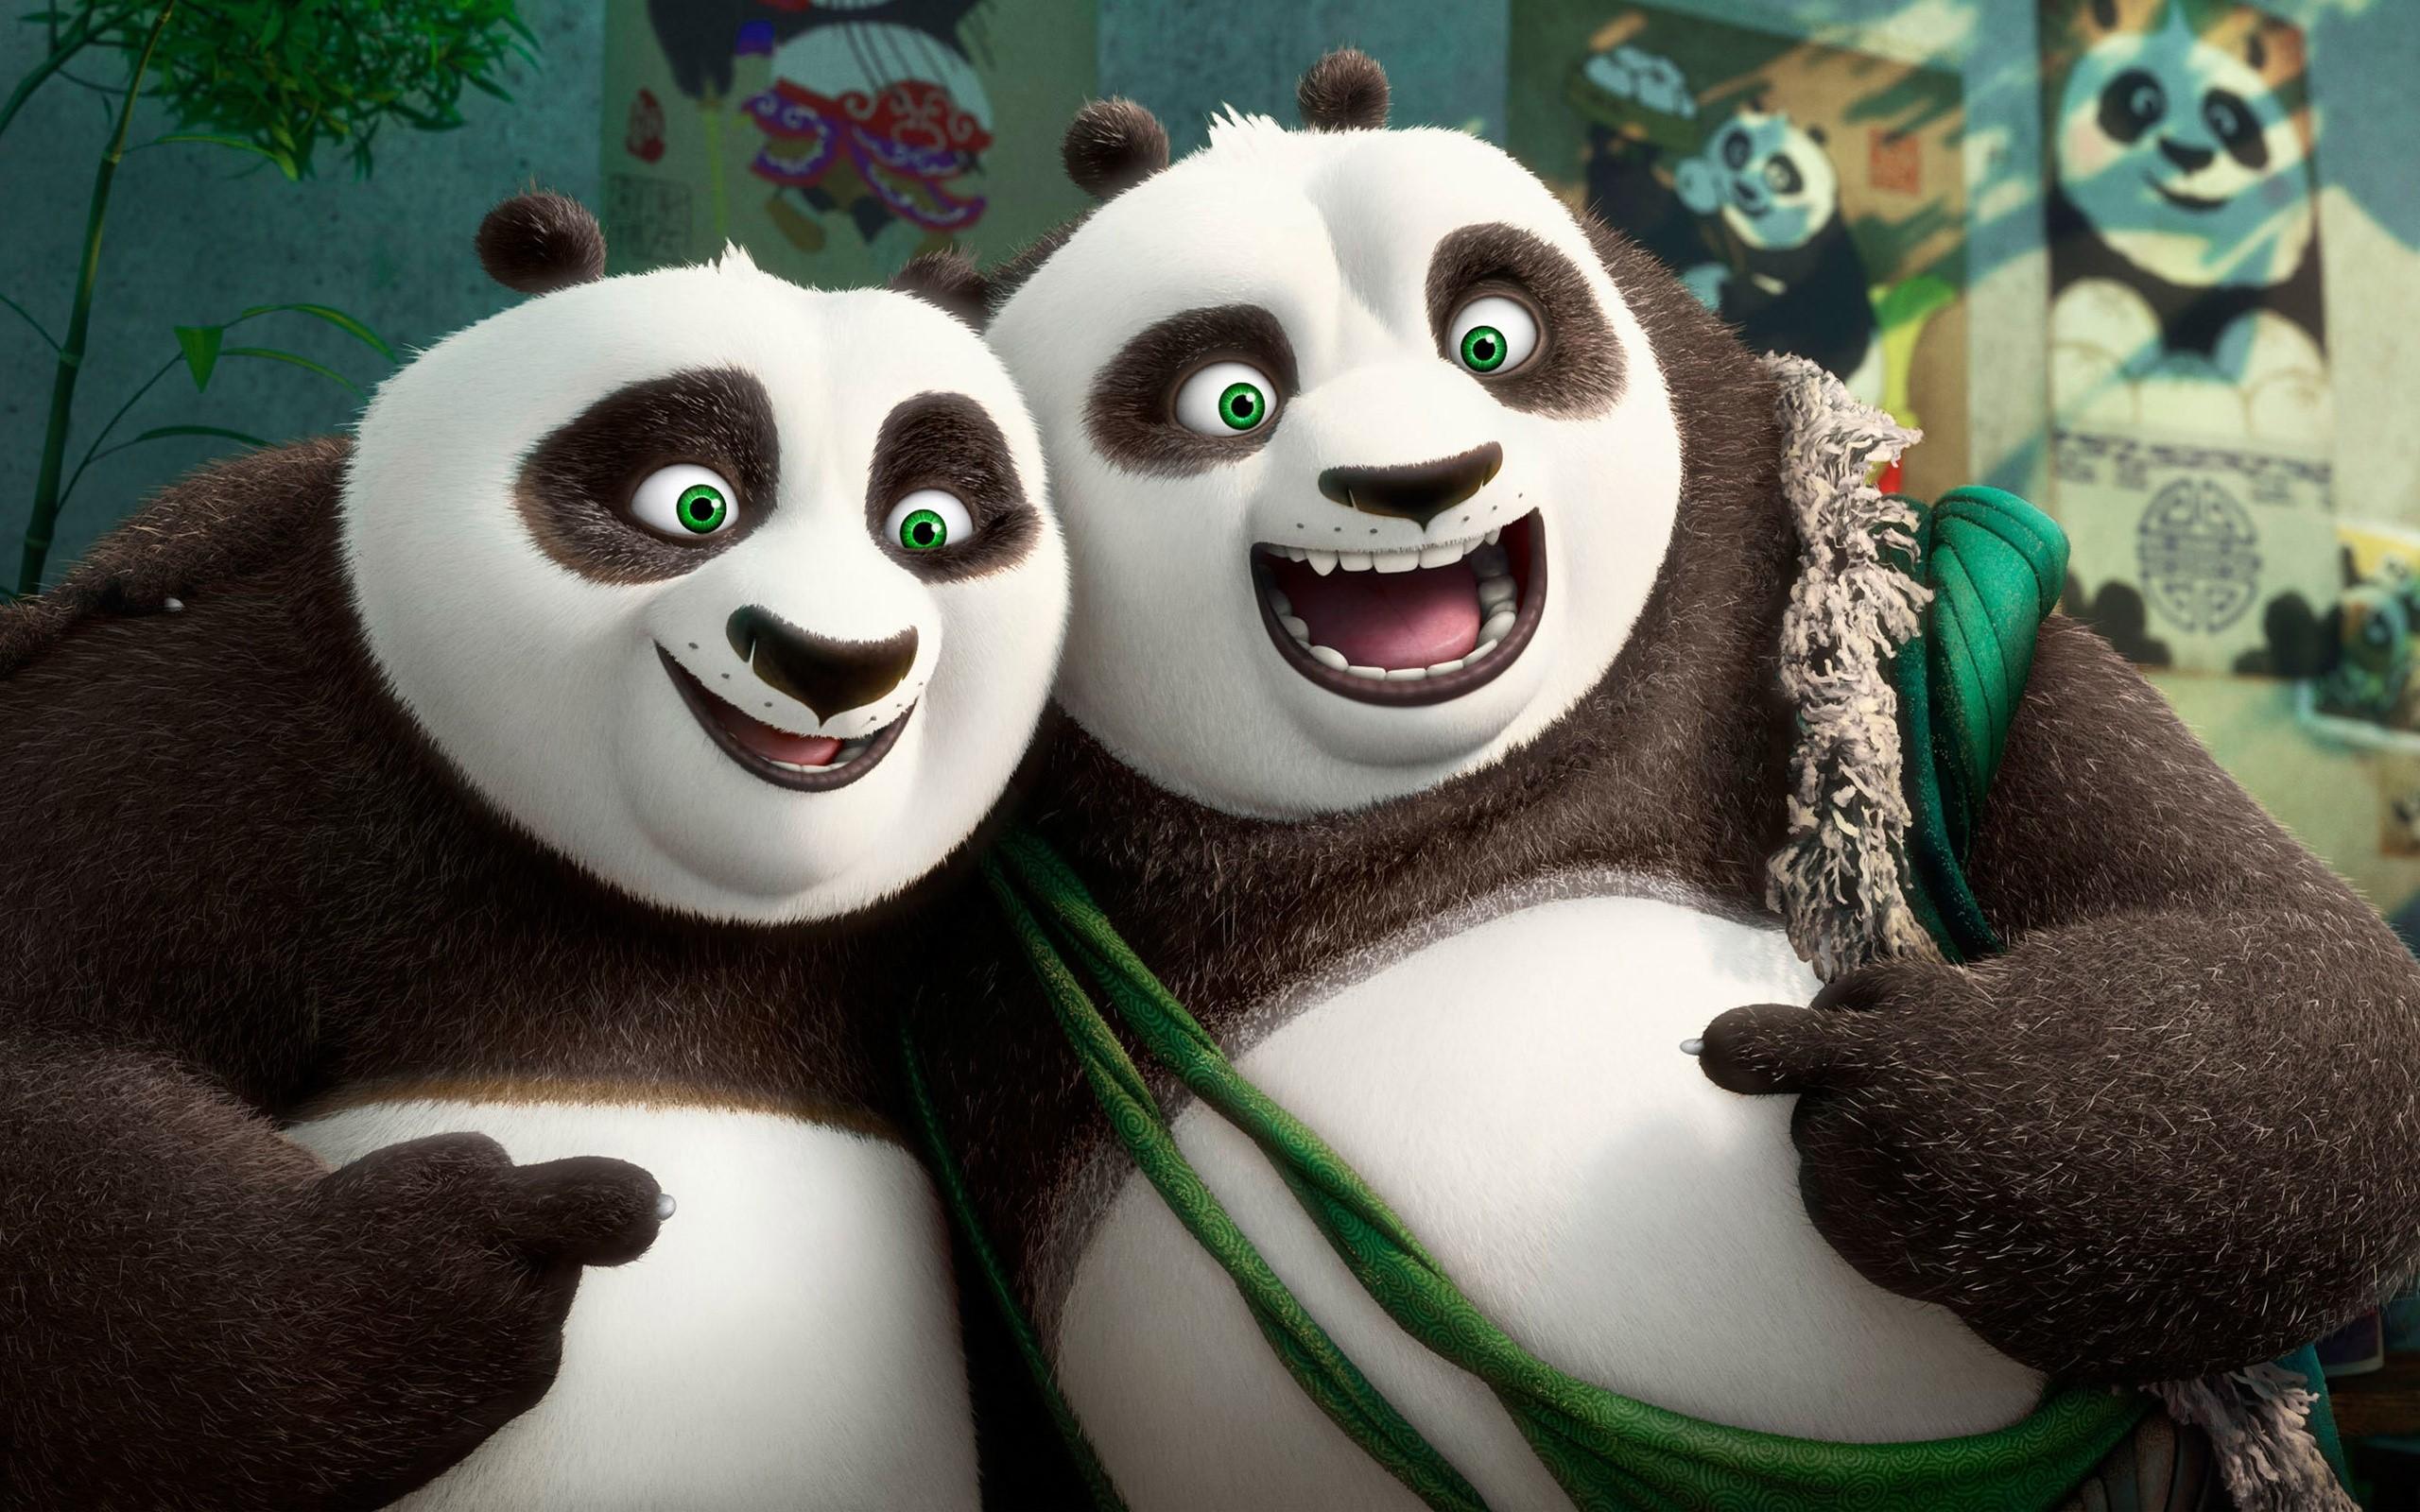 Fondos de pantalla Po y Li en Kung fu panda 3